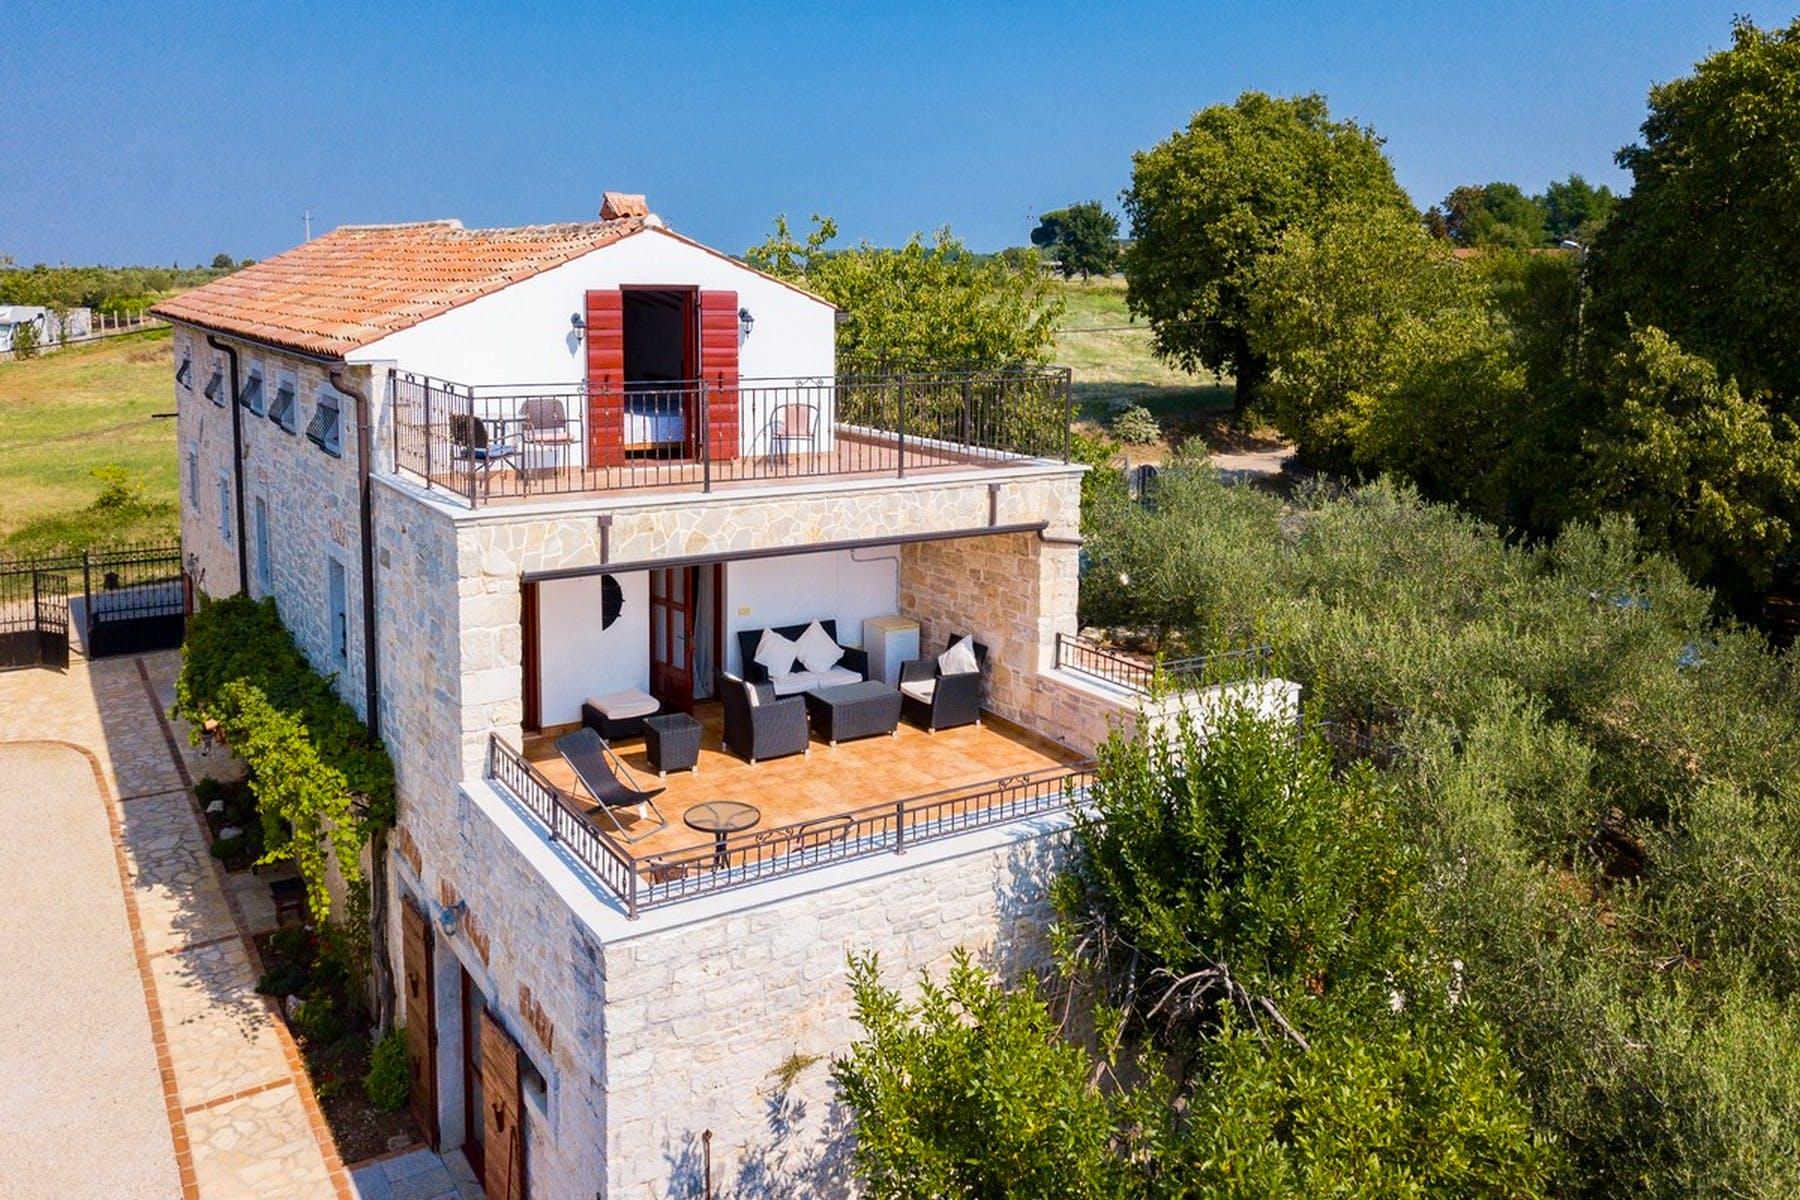 Villa's terraces